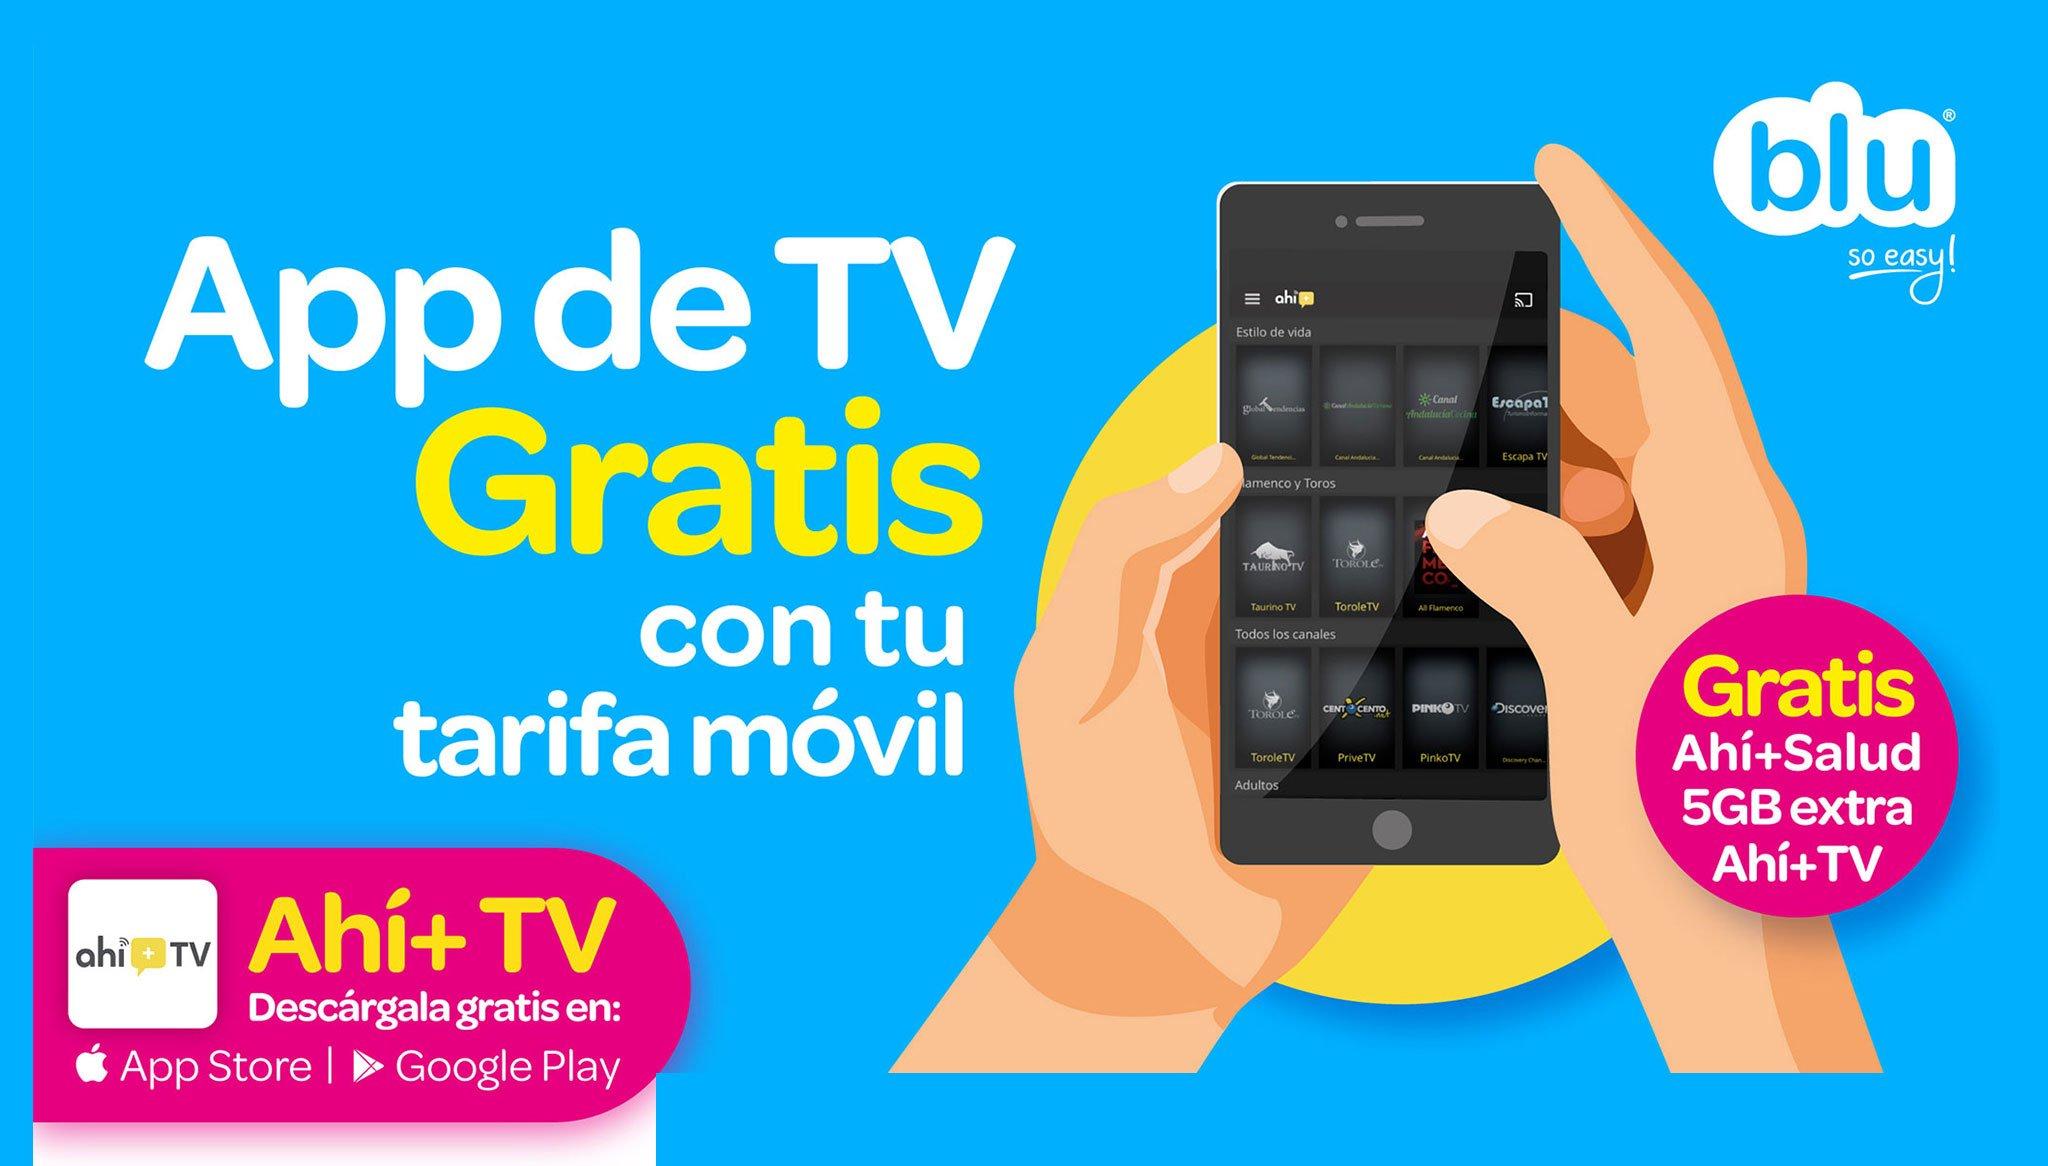 С вашего мобильного тарифа, продвижение приложений «Ахи + ТВ» и «Ахи + Салуд» с Blu